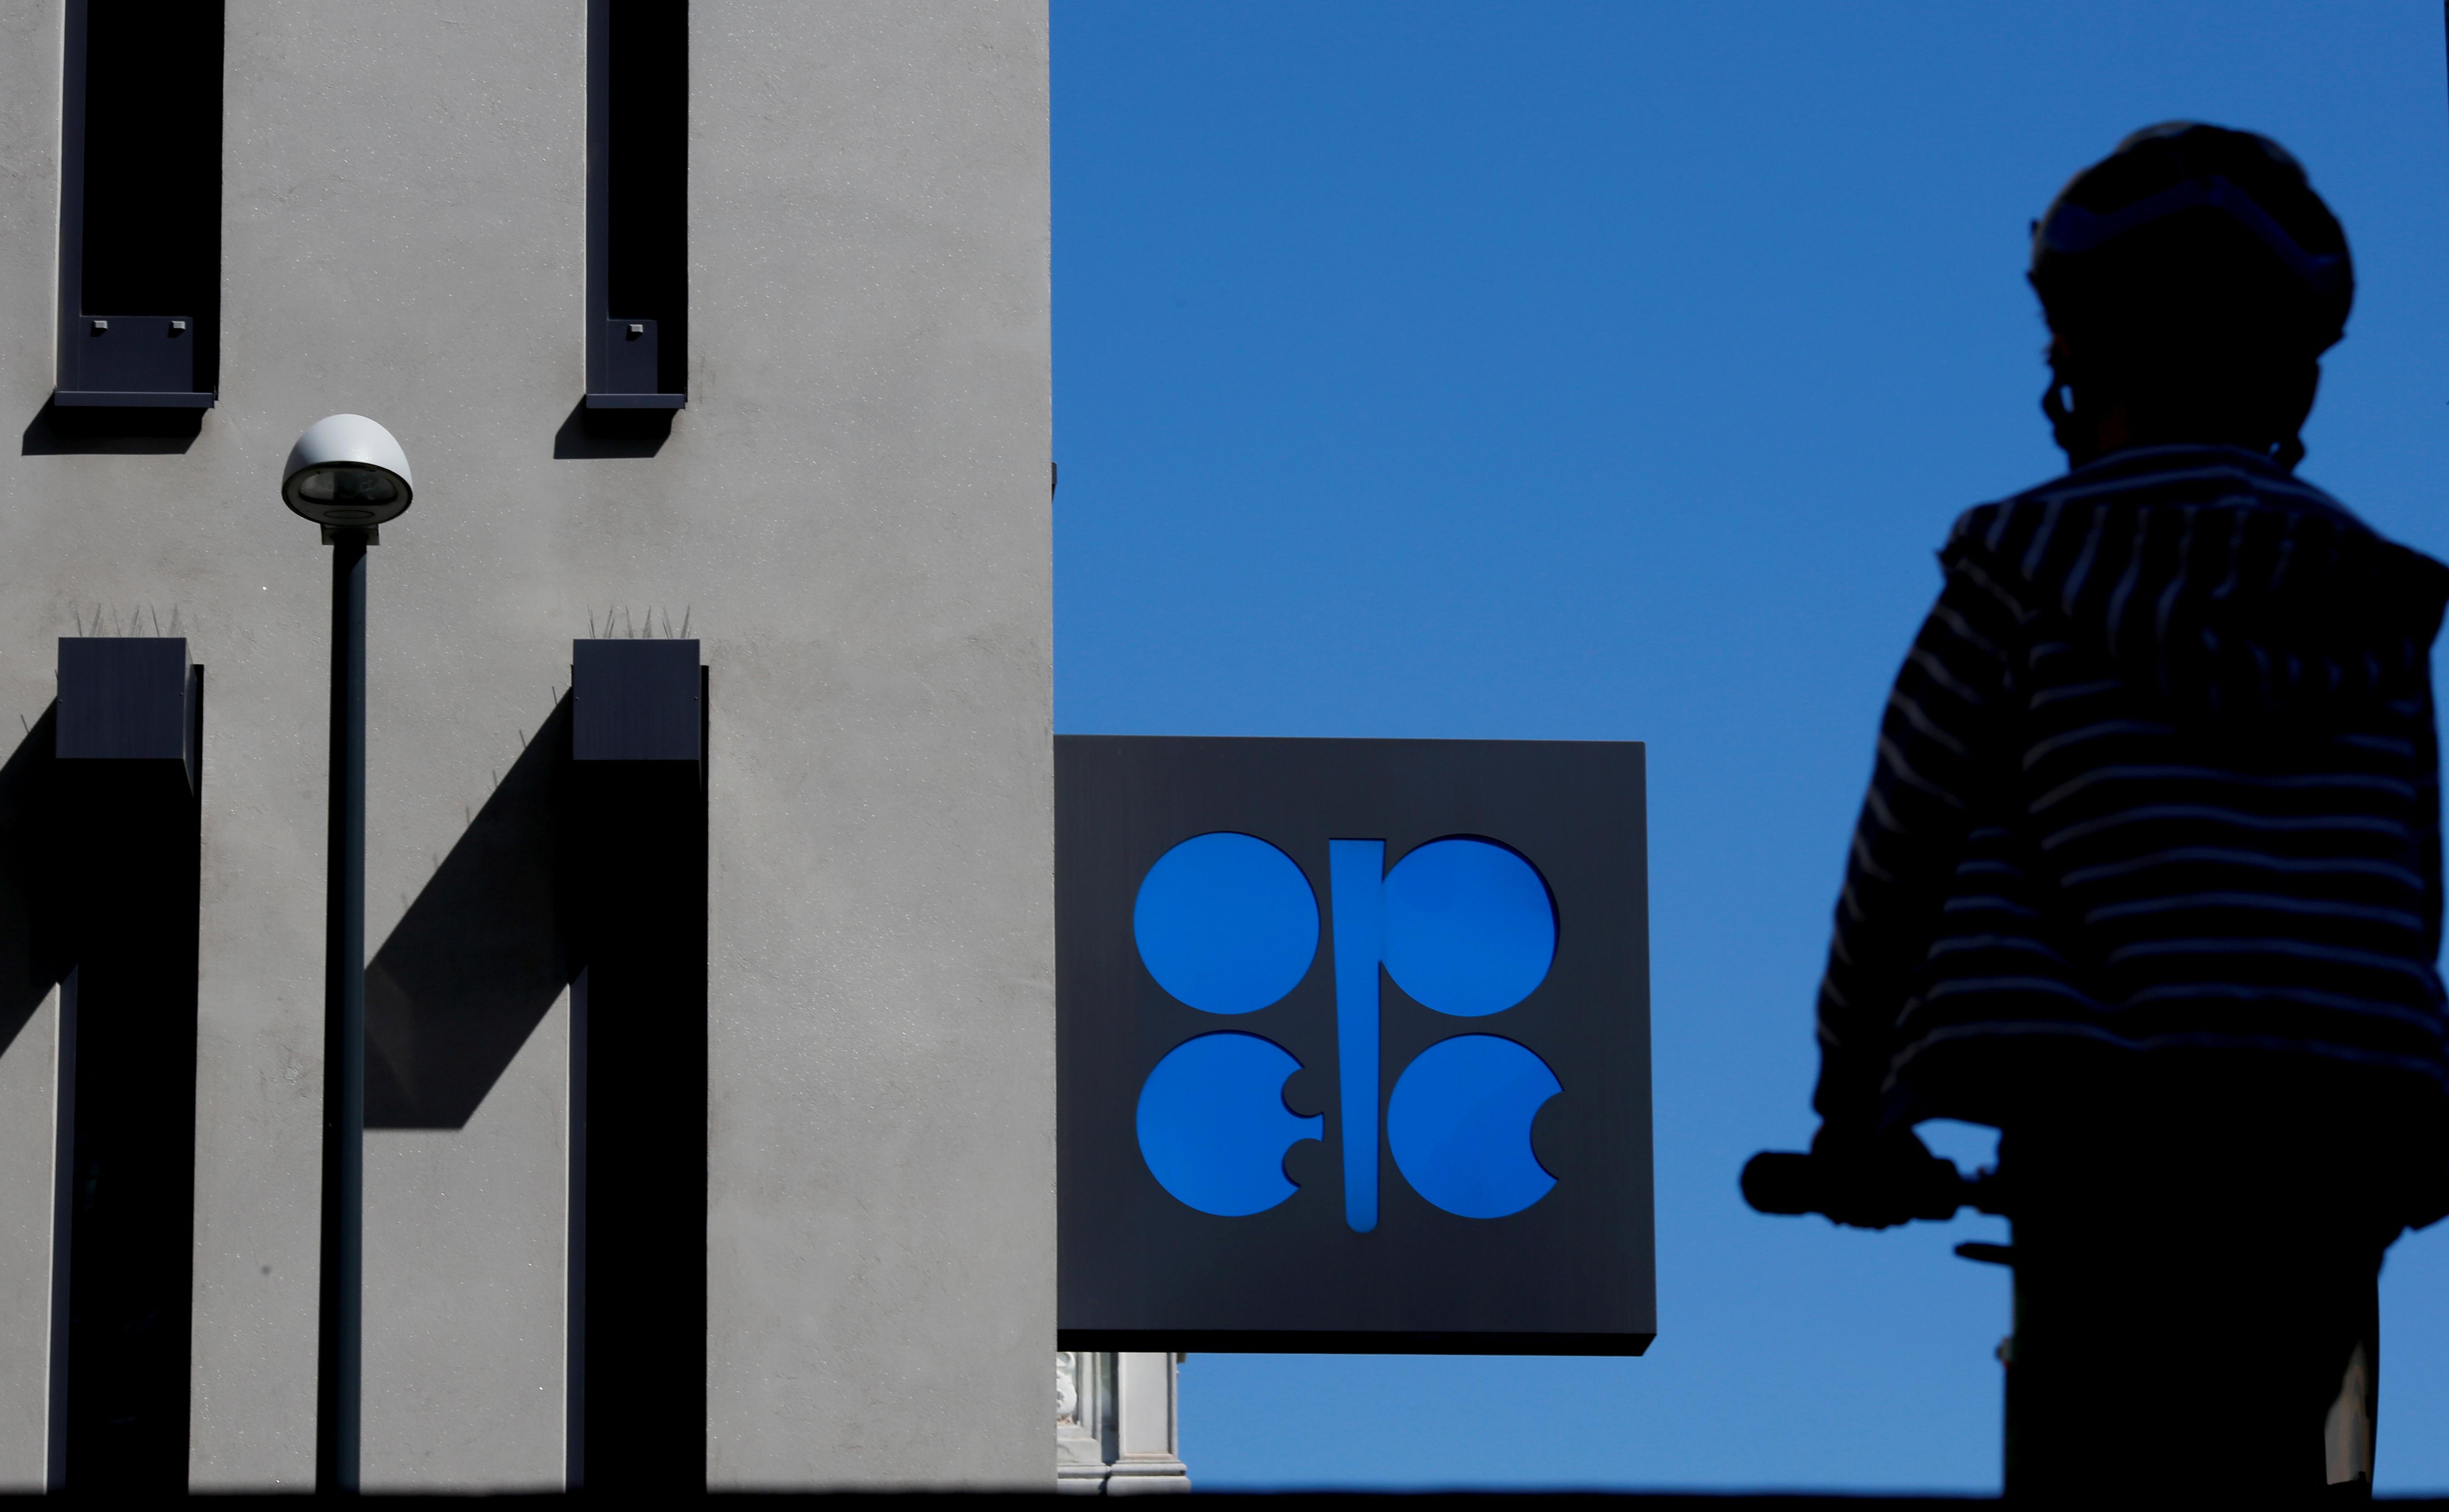 As OPEC+ meets this week, UAE emerges as main laggard